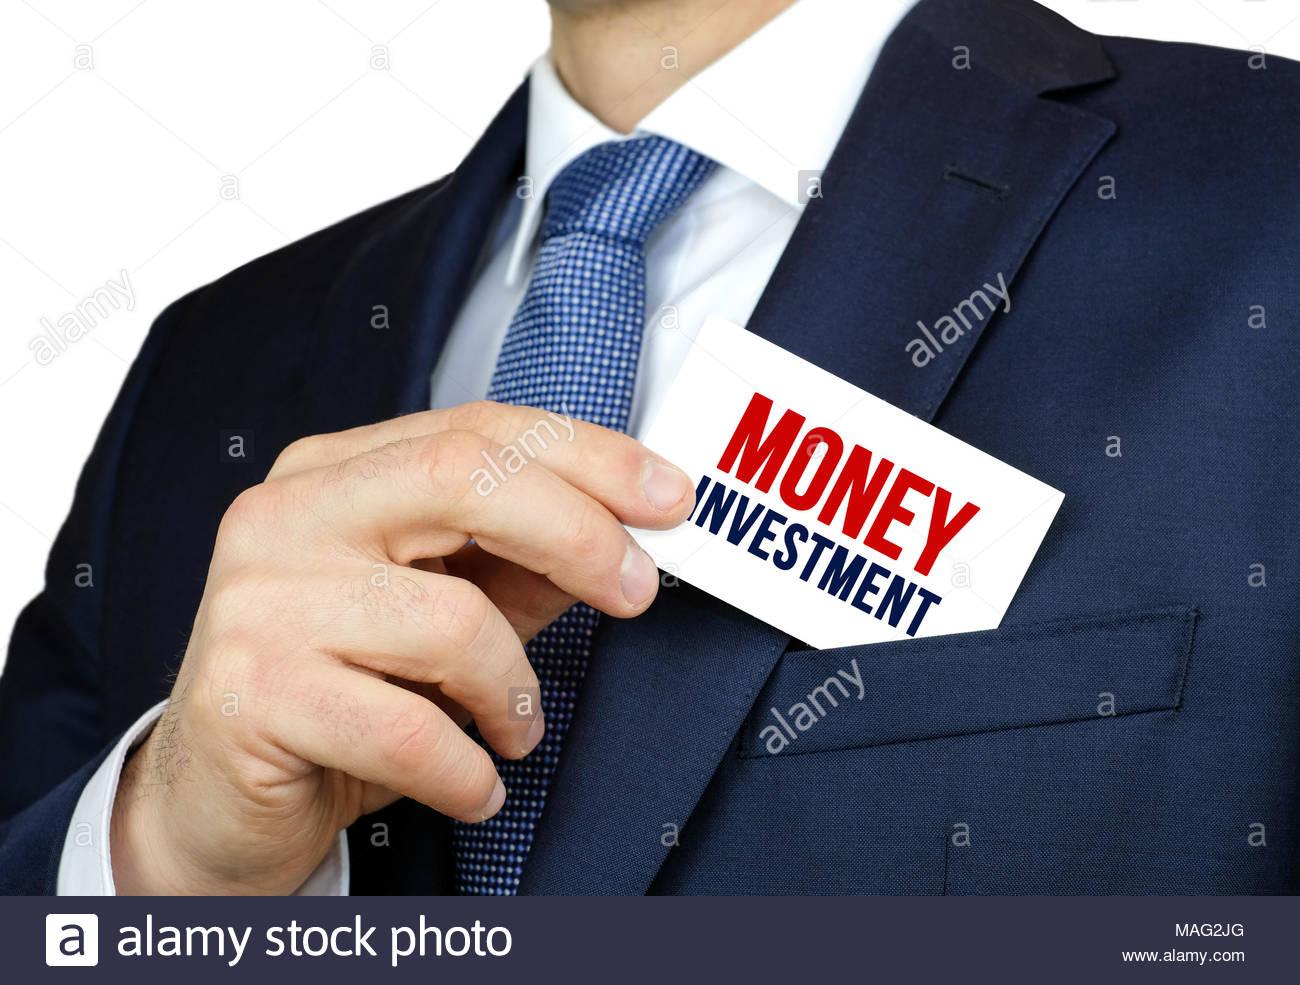 Gli investimenti di denaro - business card consigli Immagini Stock